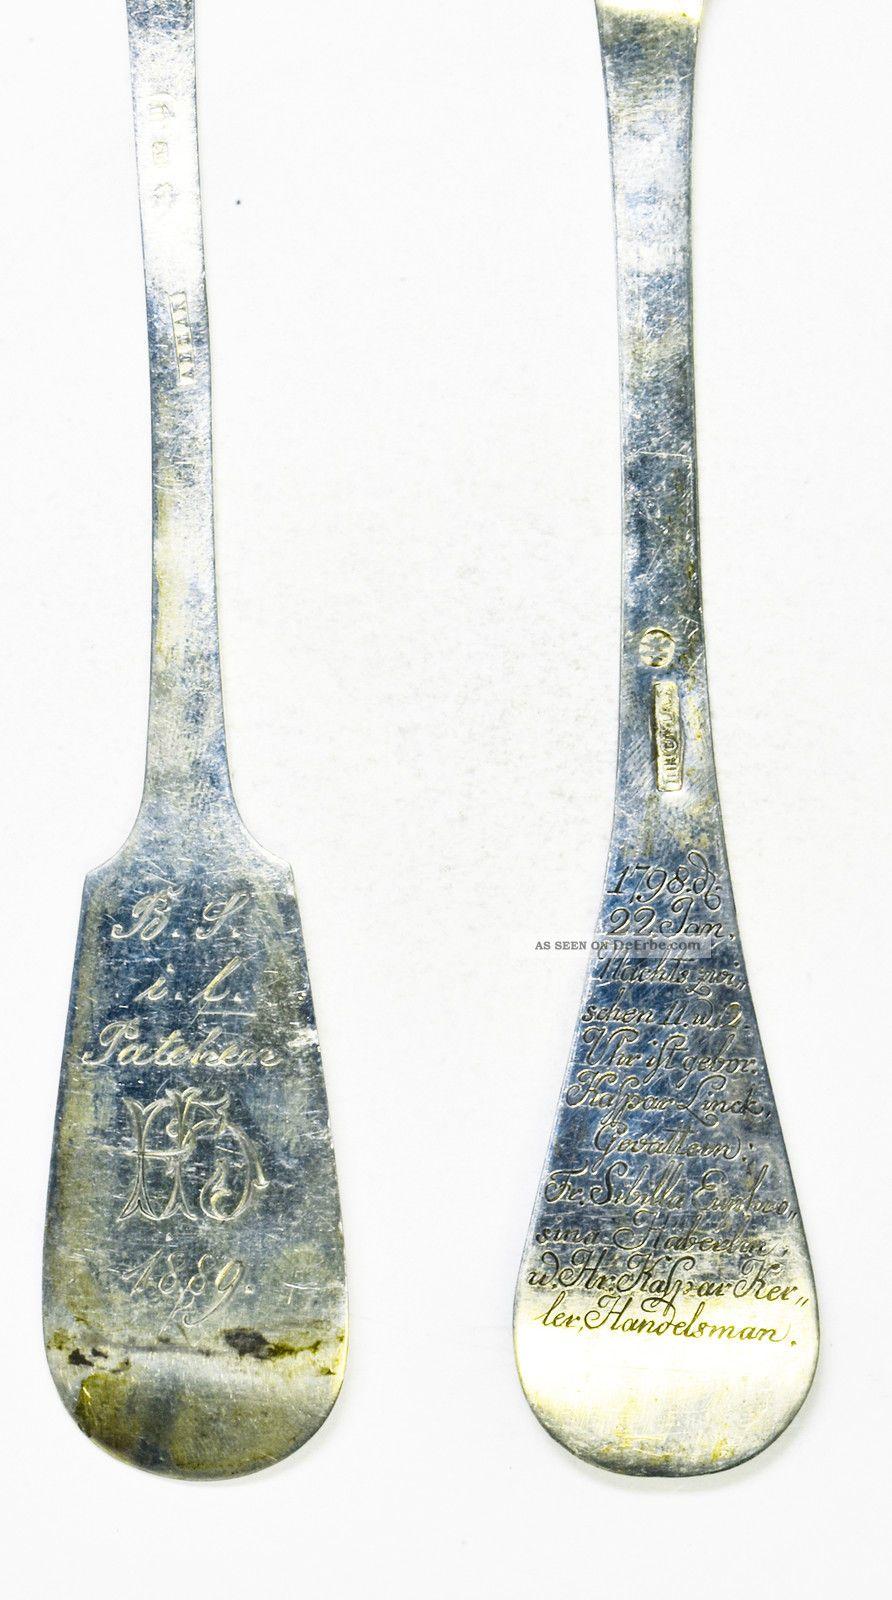 Antike Patengeschenke Von 1798 Und 1889 Objekte vor 1945 Bild